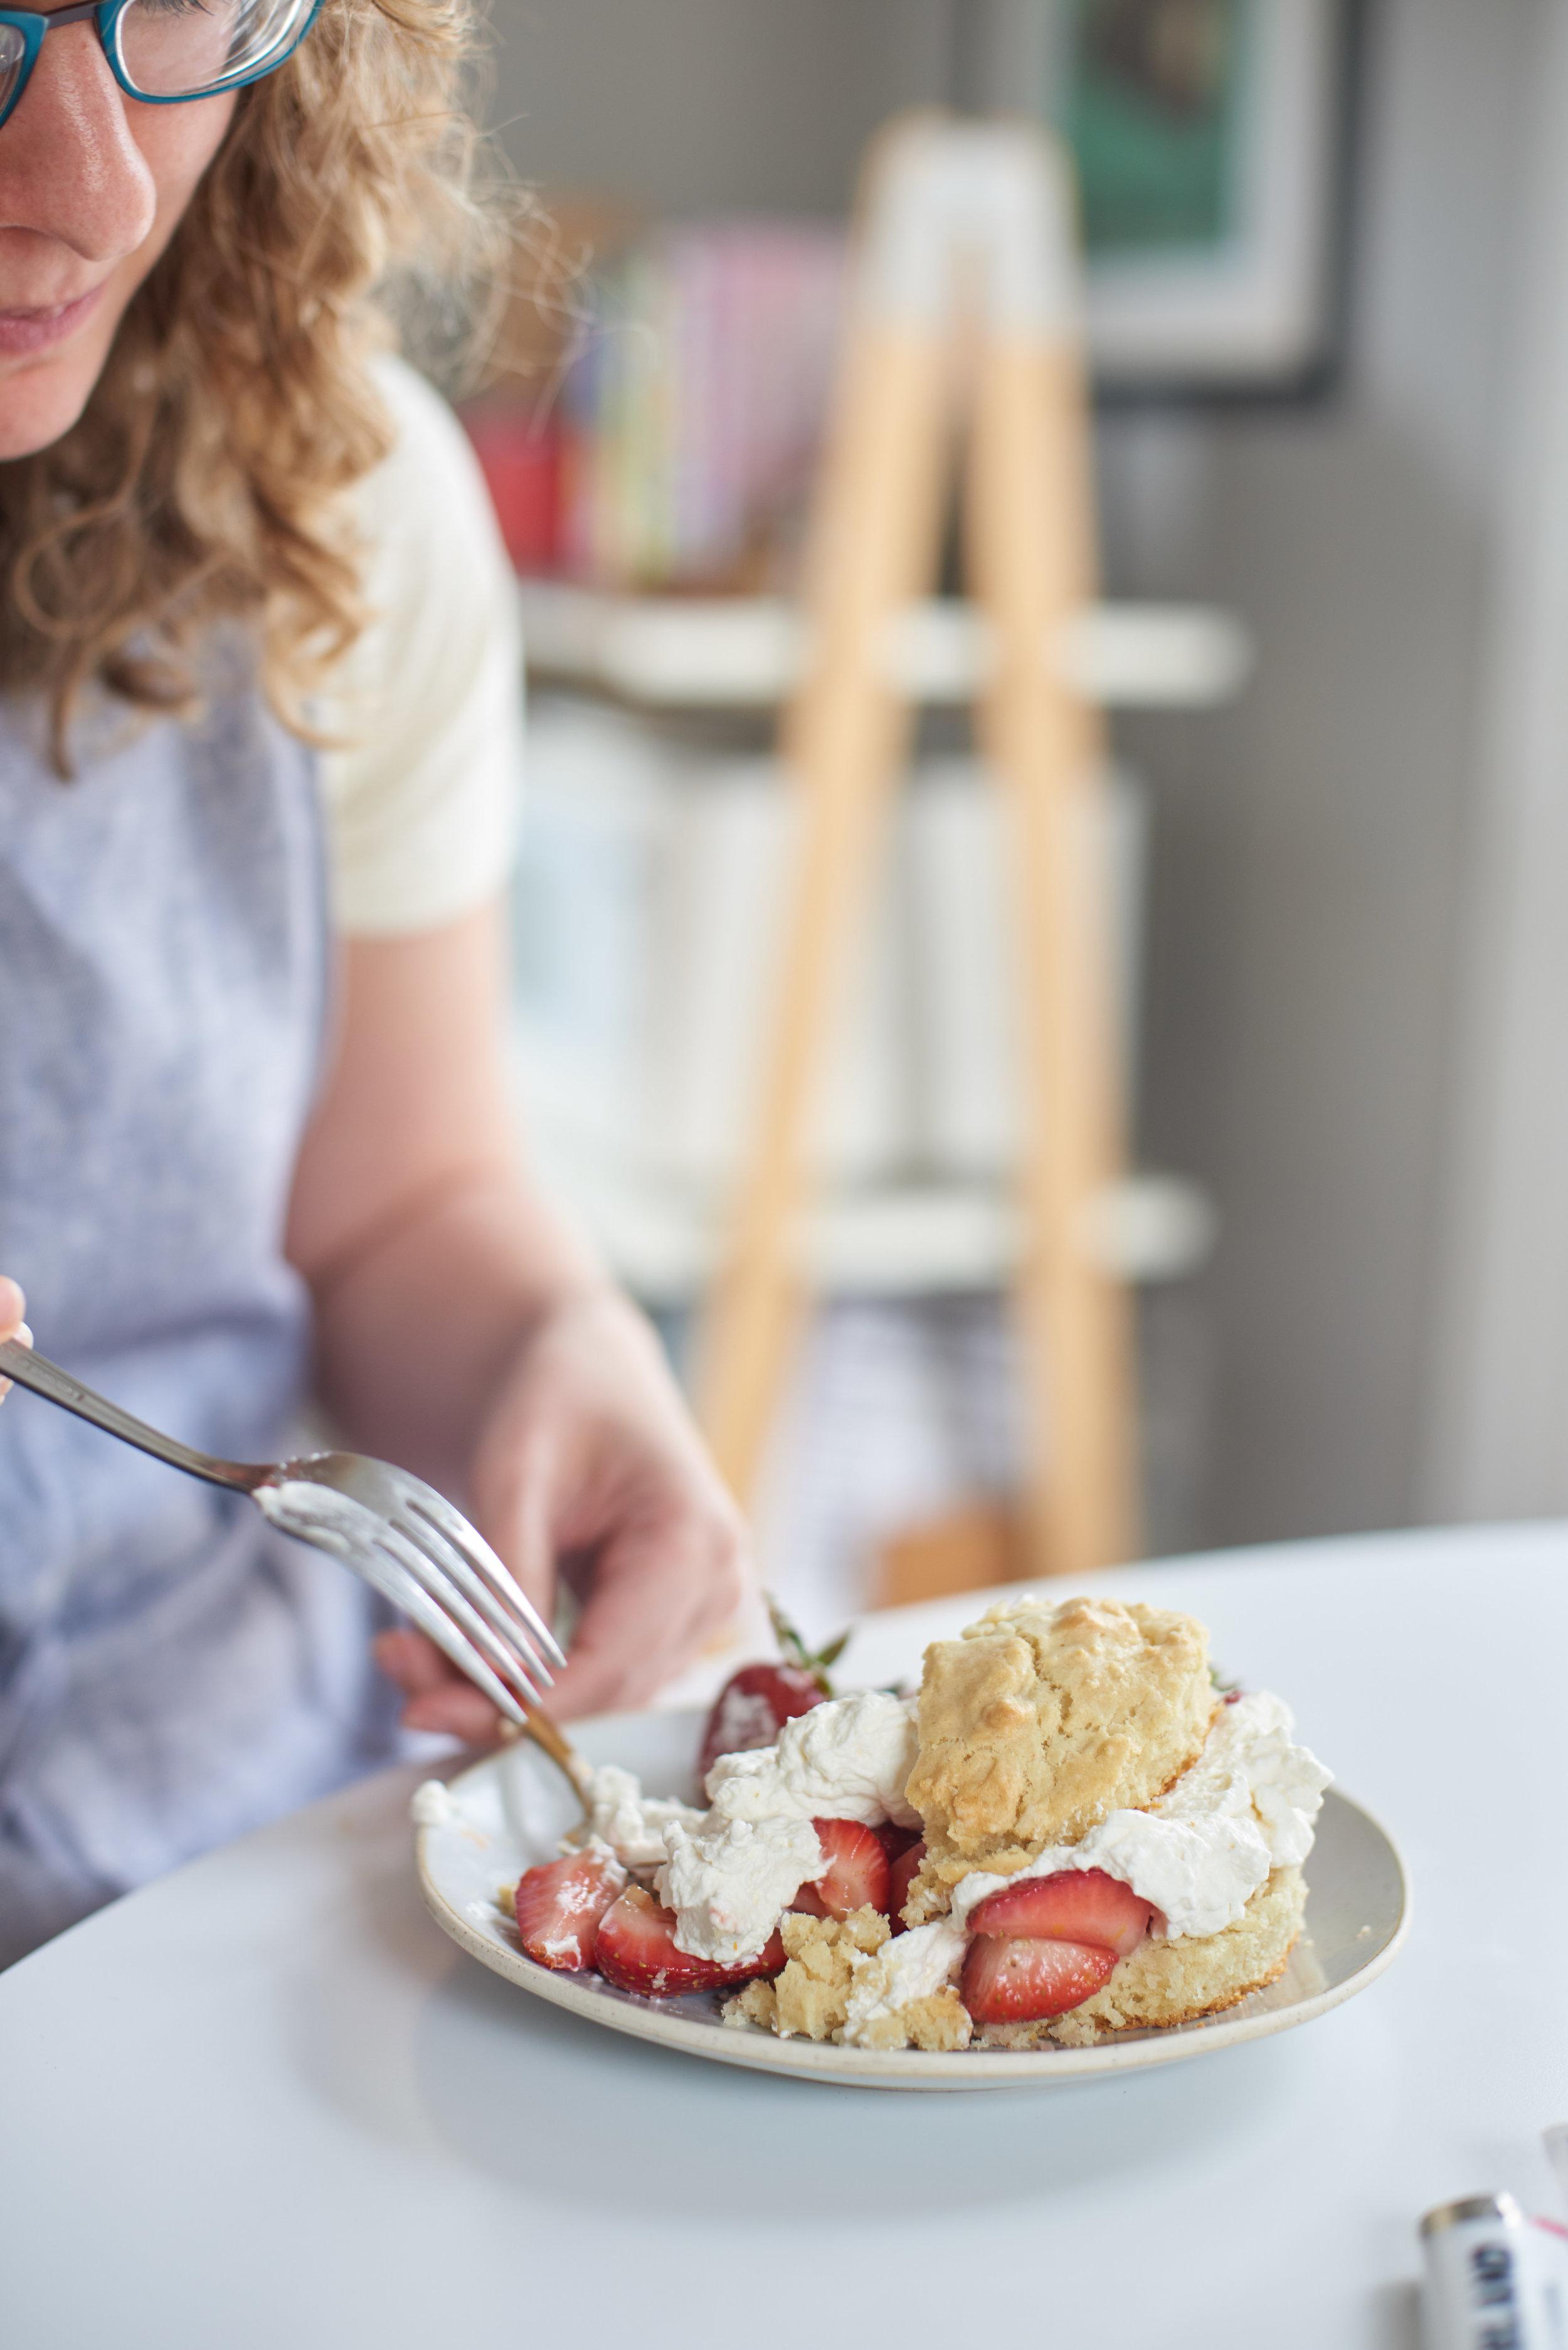 StrawberryShortcake 20.jpg